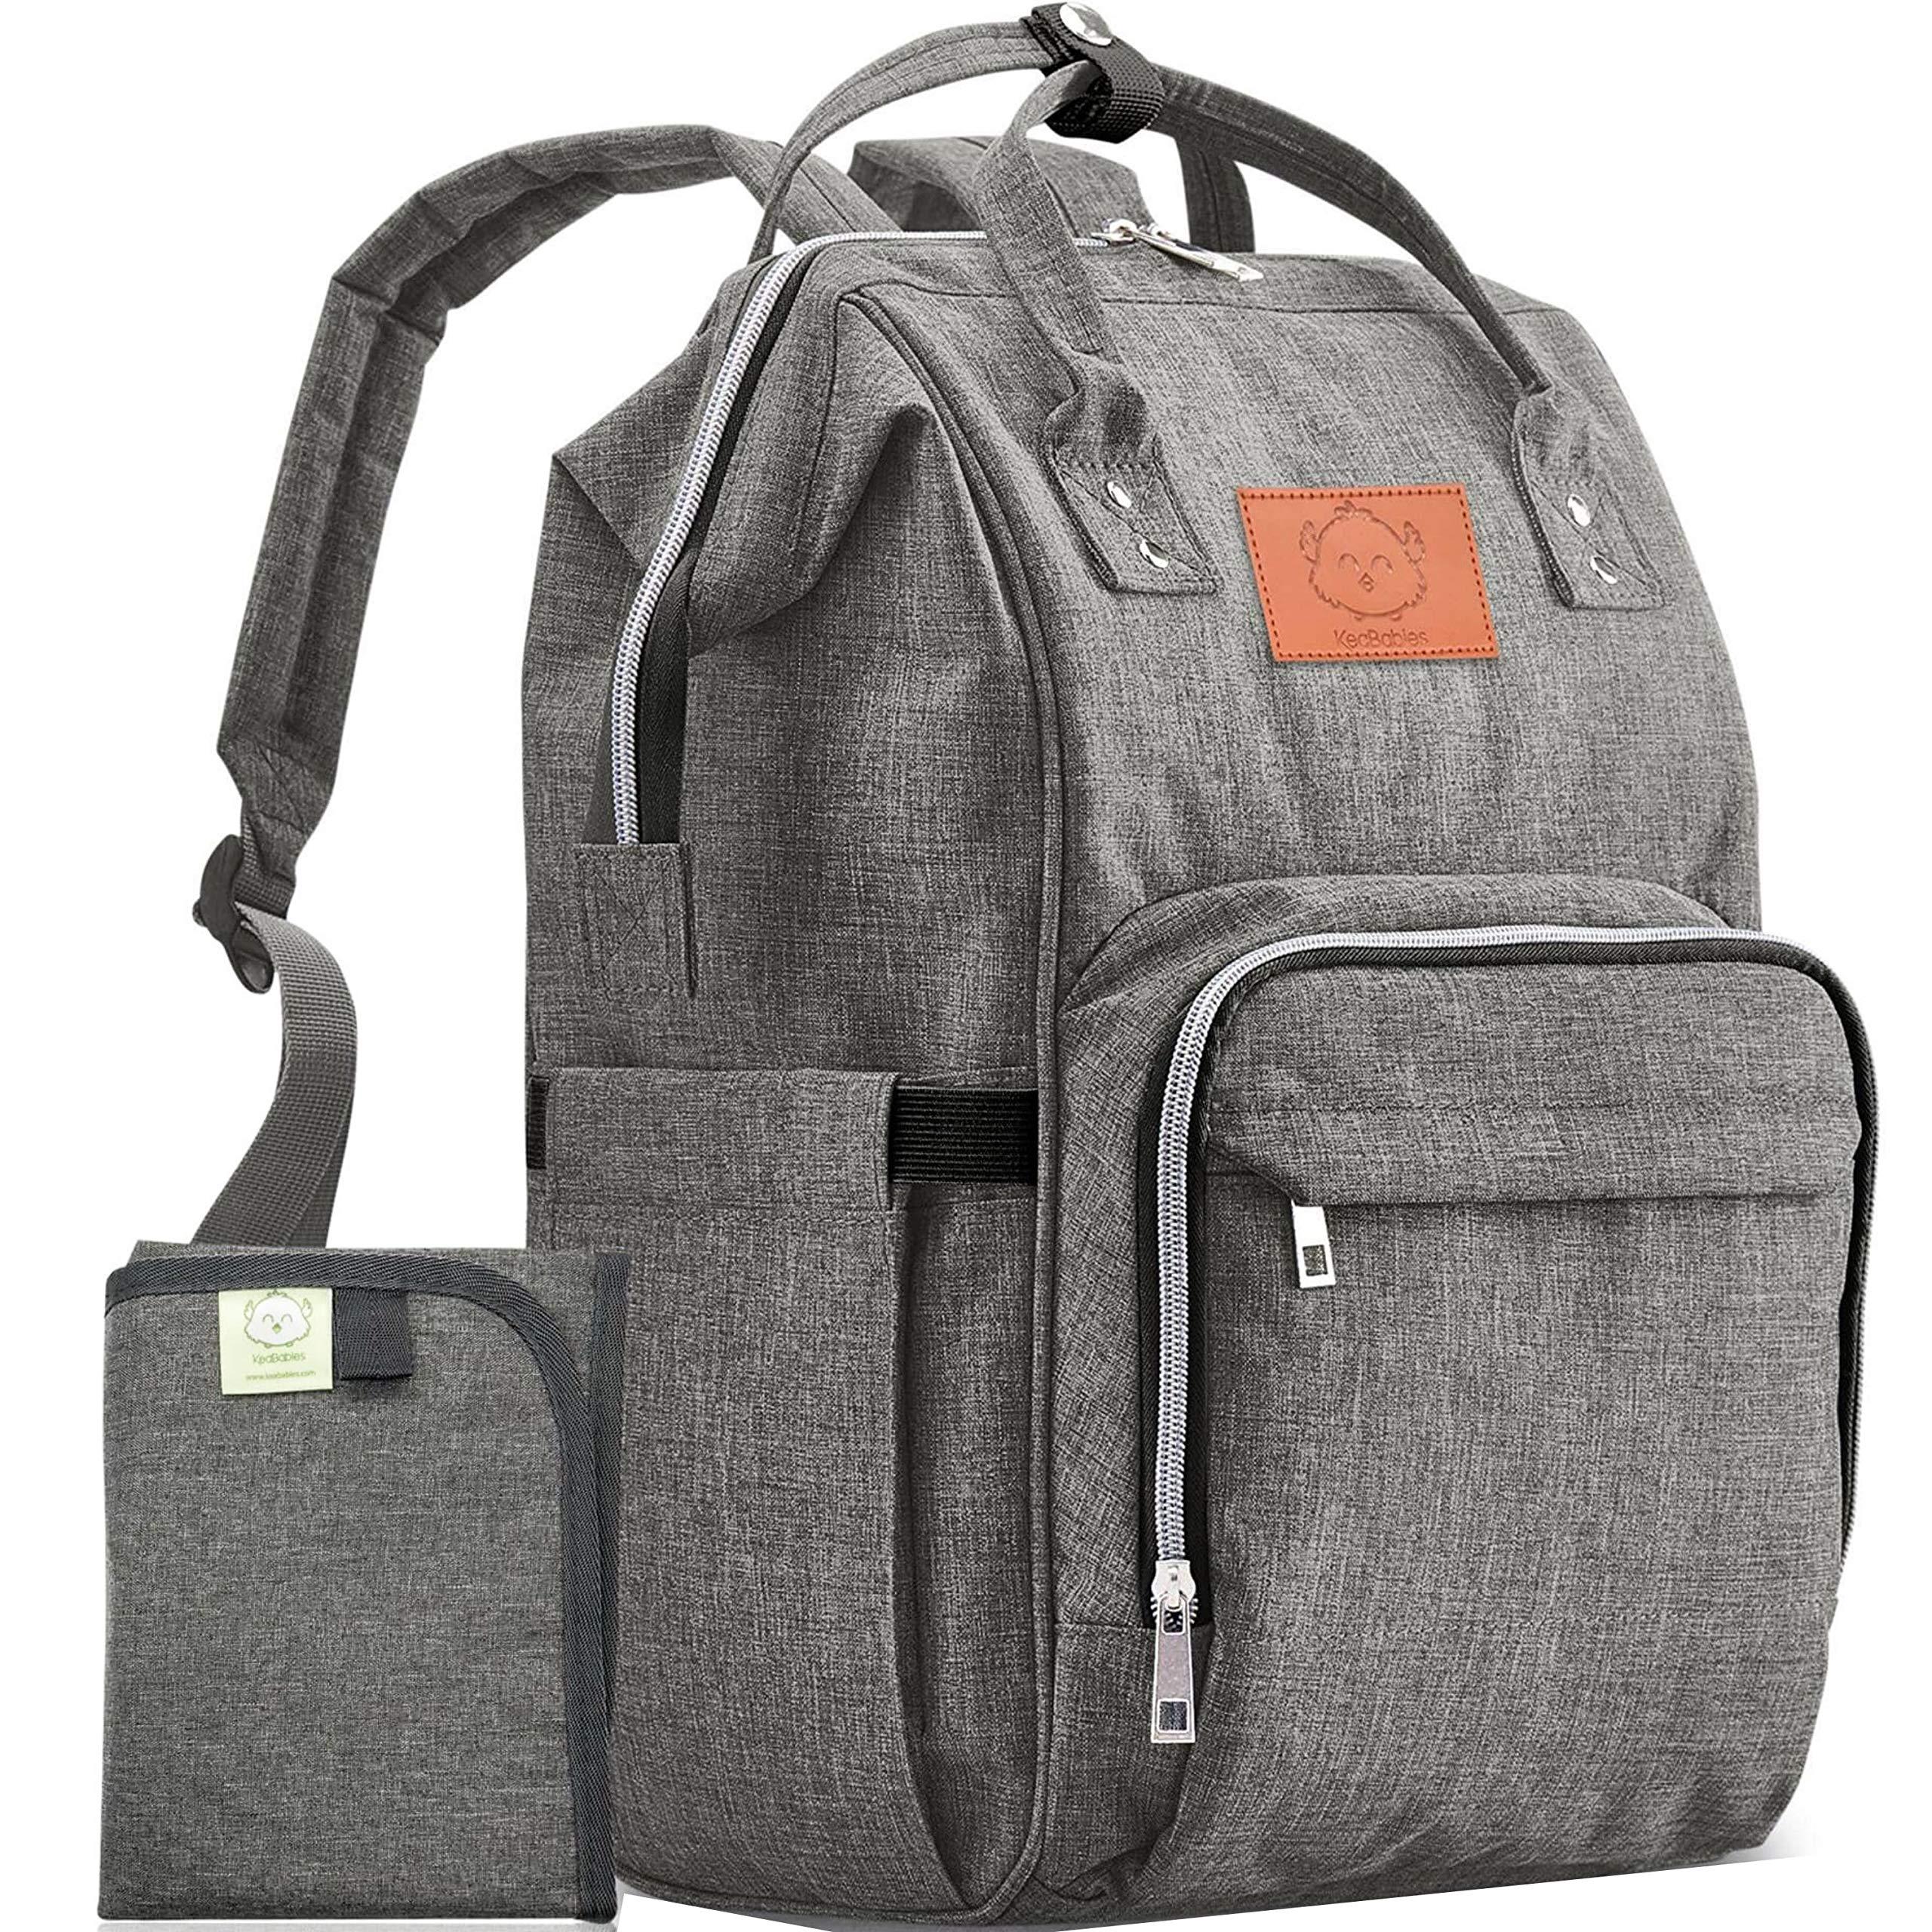 Diaper Bag Backpack - Large Waterproof Travel Baby Bags by KeaBabies